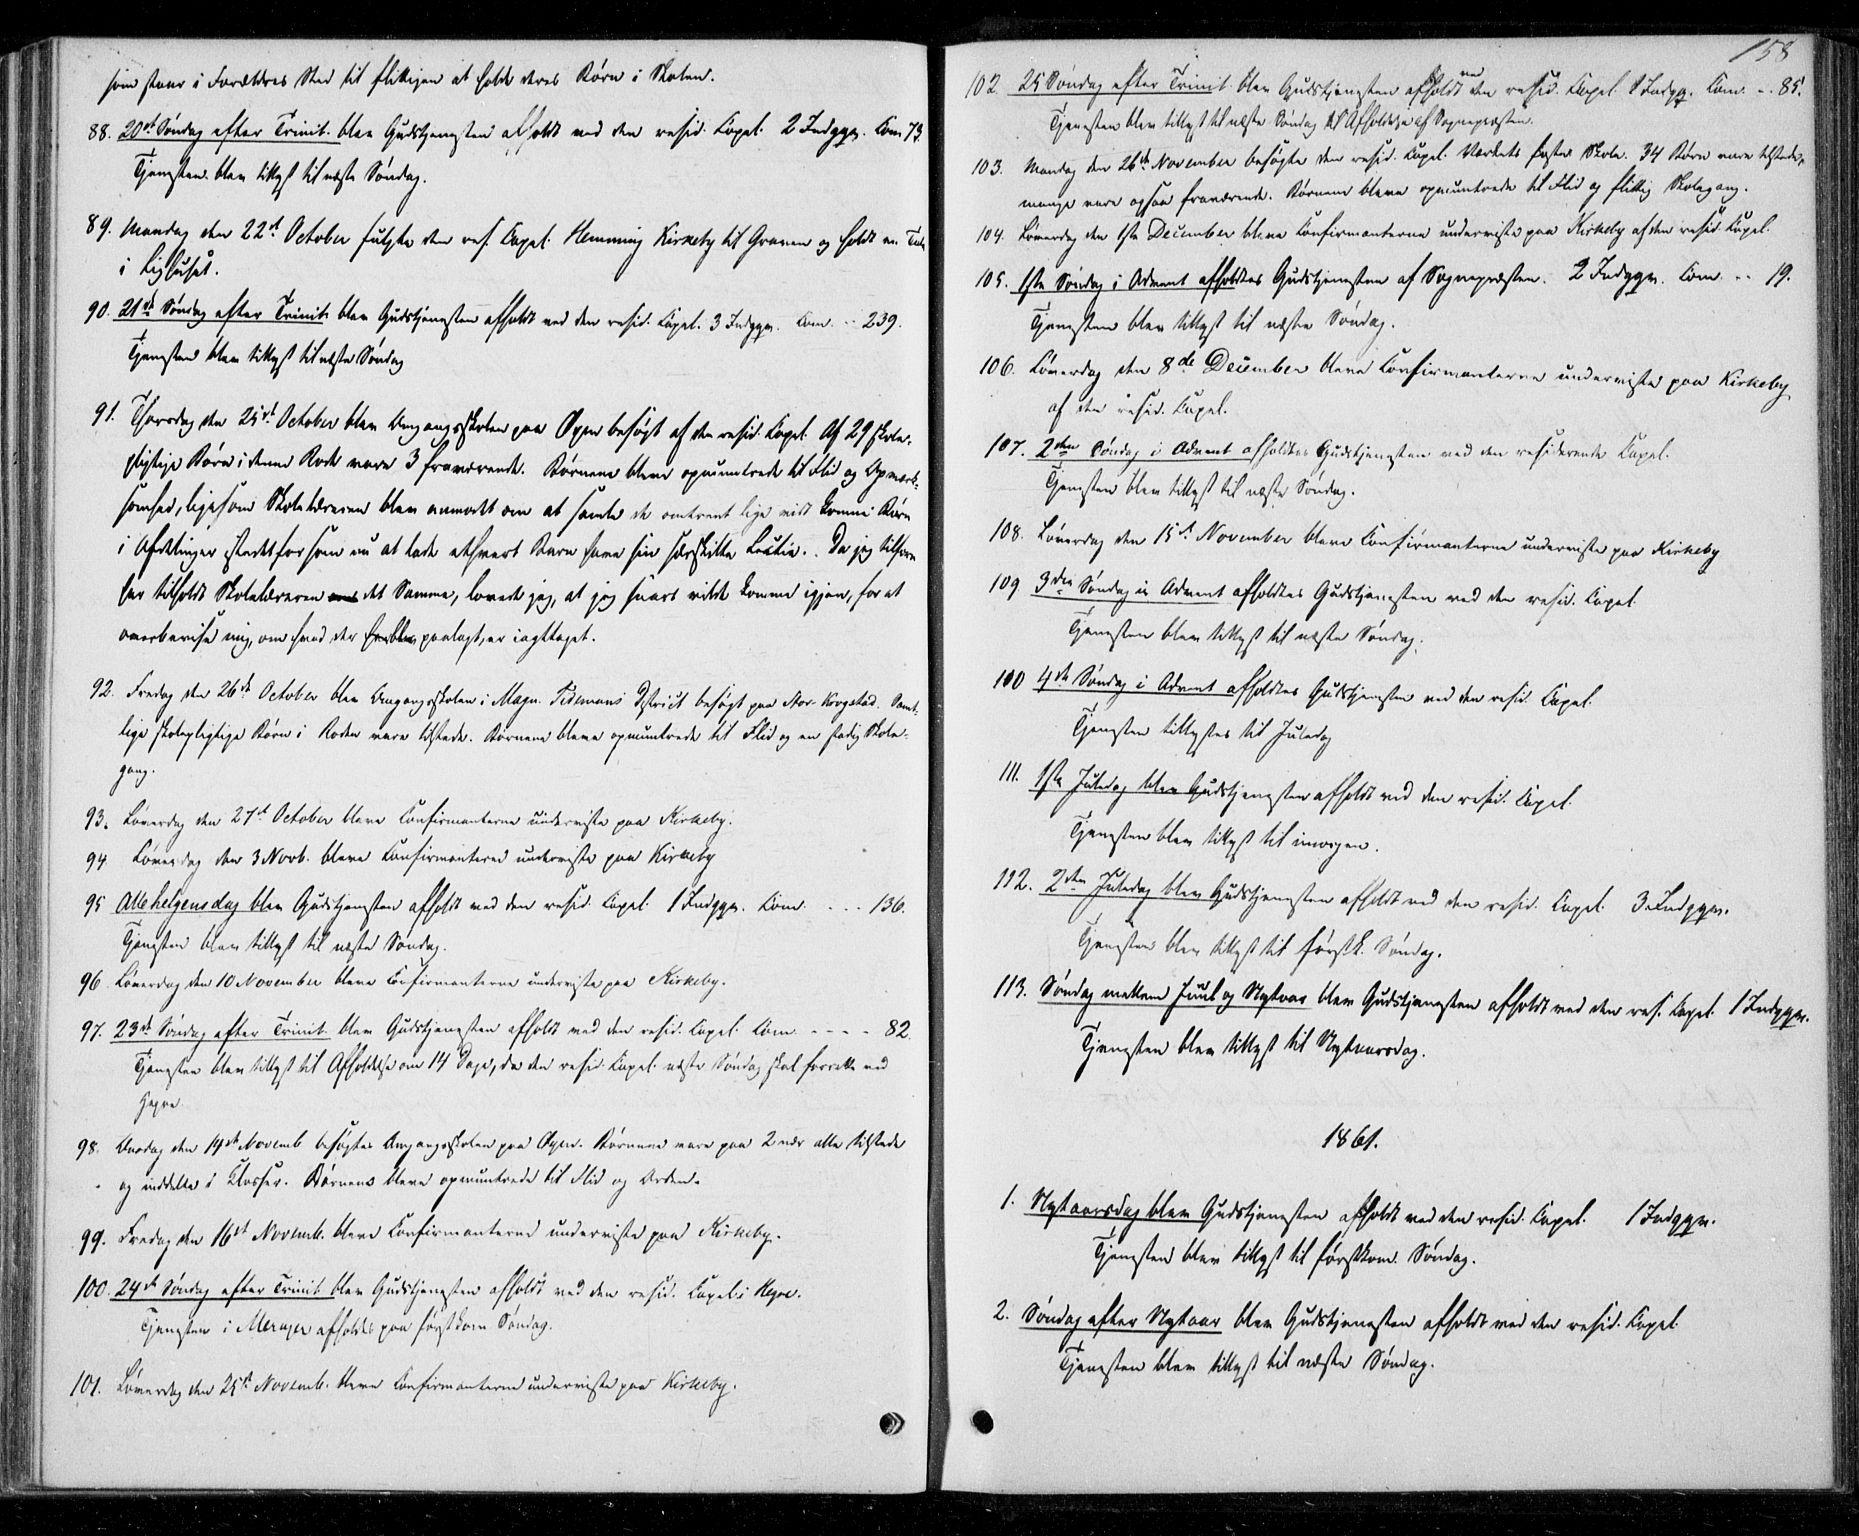 SAT, Ministerialprotokoller, klokkerbøker og fødselsregistre - Nord-Trøndelag, 706/L0040: Ministerialbok nr. 706A01, 1850-1861, s. 158